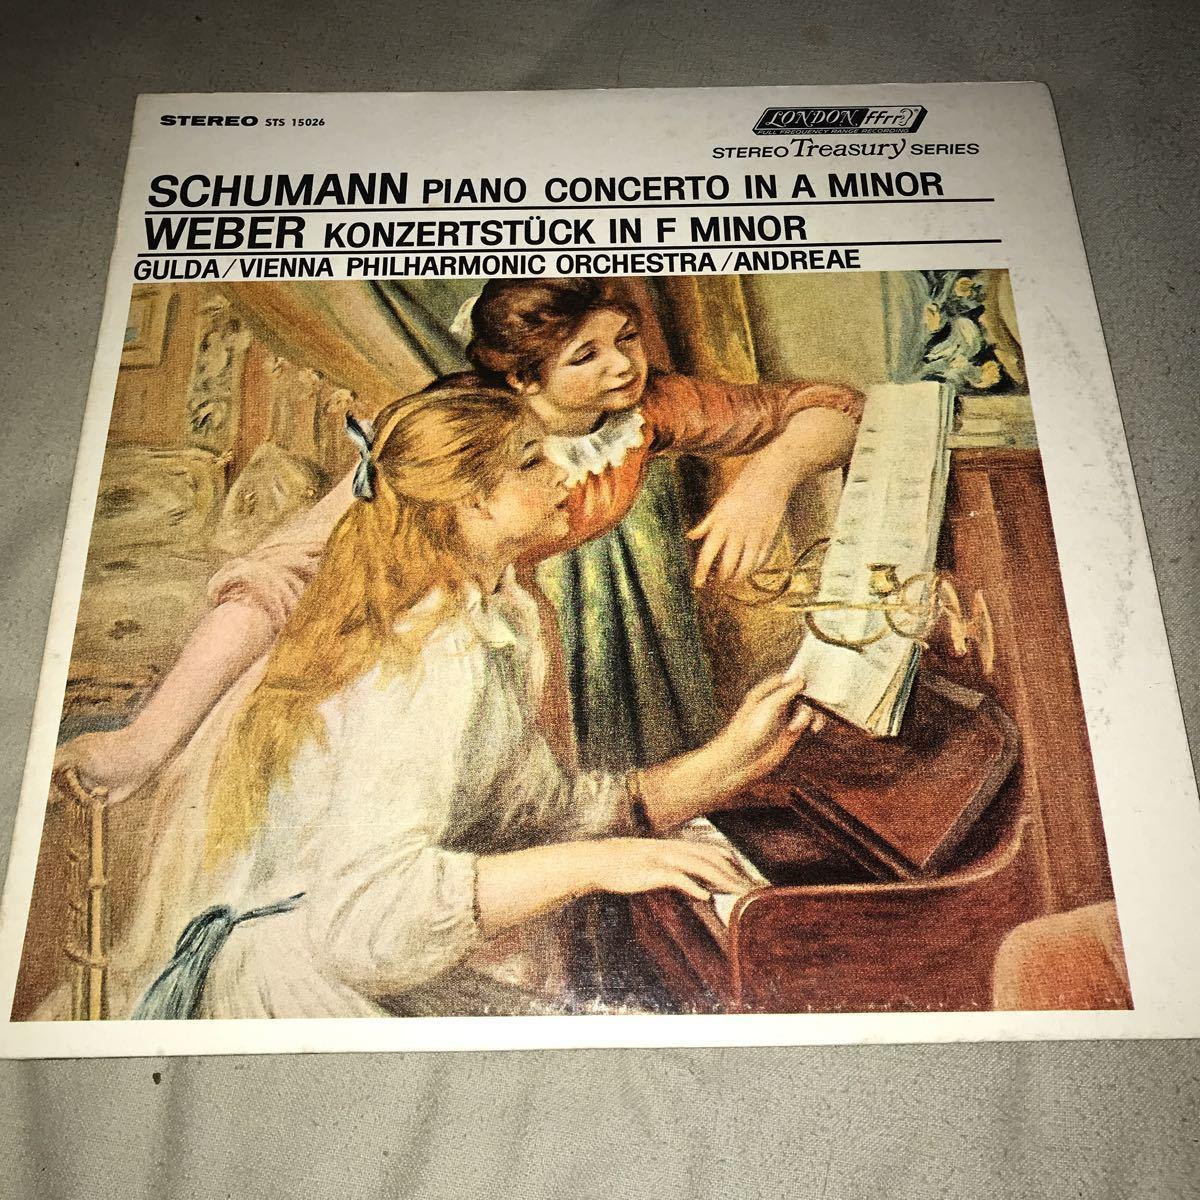 輸入盤 シューマン P協奏曲 フリードリヒ グルダ アンドレ デッカ_画像1